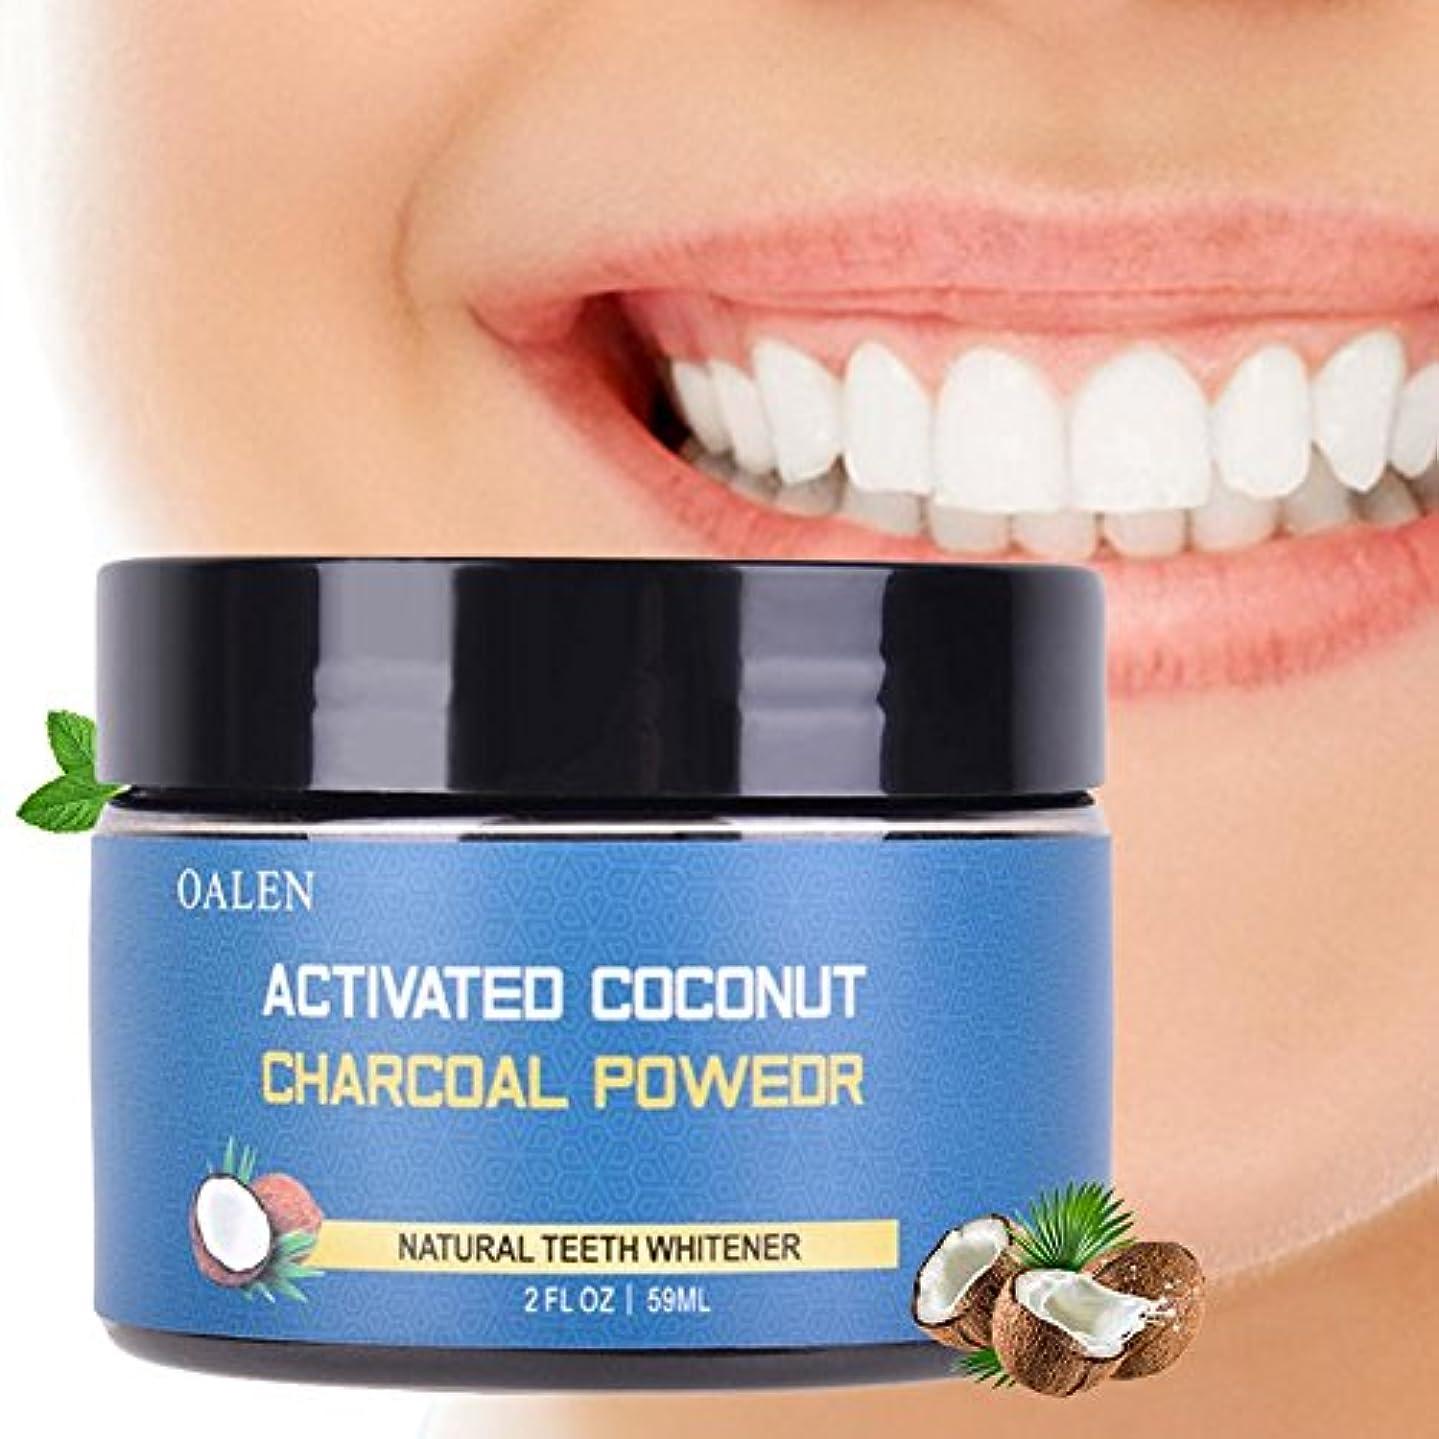 イサカバリケードわずかなSILUN 歯磨き粉 ニングパウダー有機 ココナッツ殻活性炭組成デンタルステイン除去 歯美白自然 口腔ケア